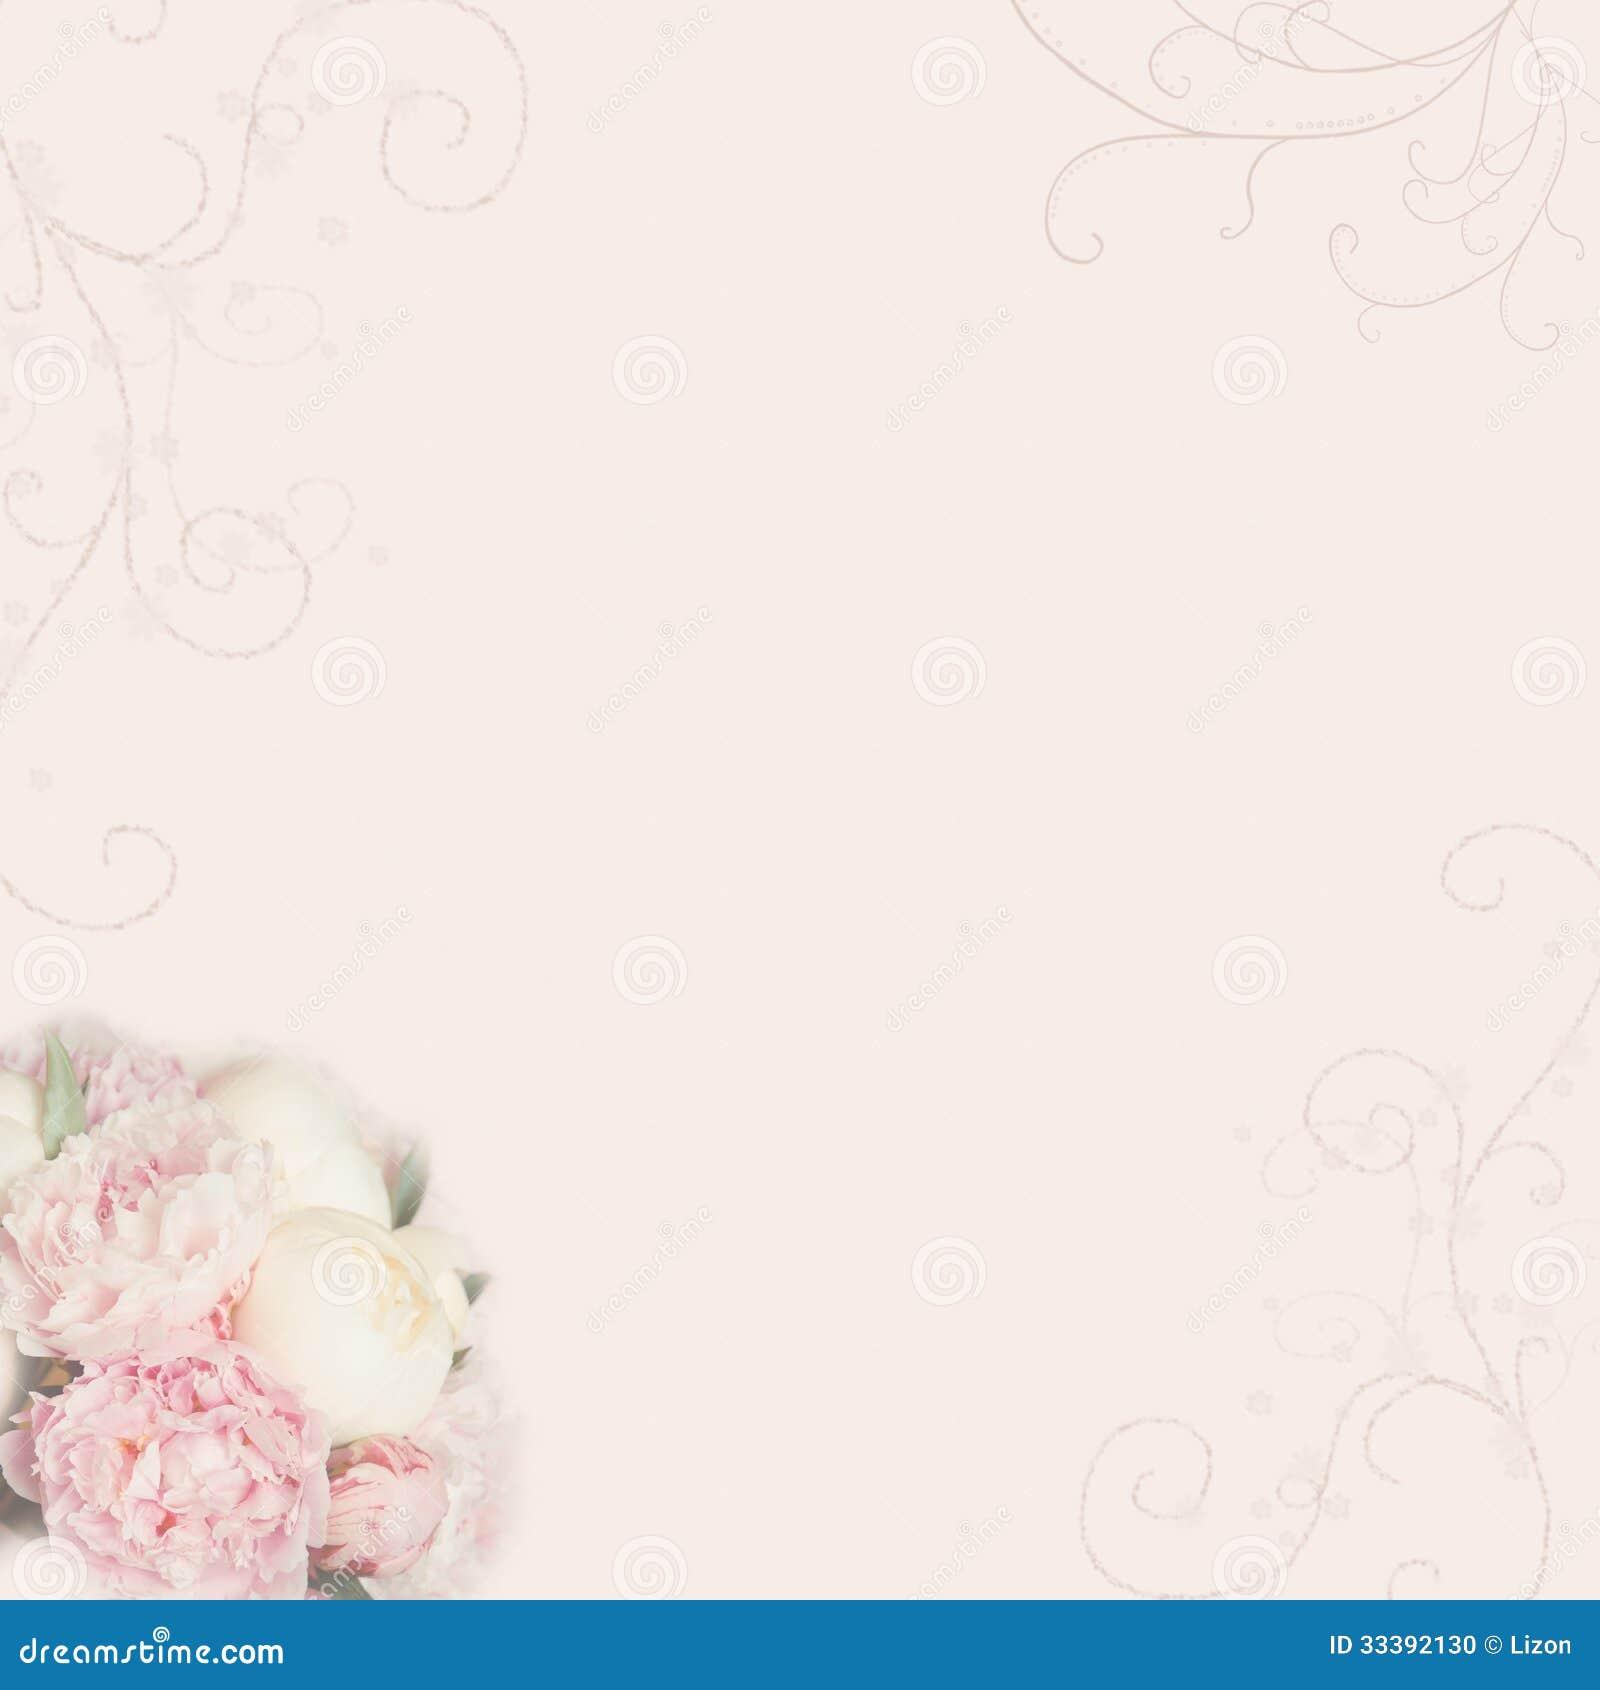 Wedding Background Stock Photo Image 33392130